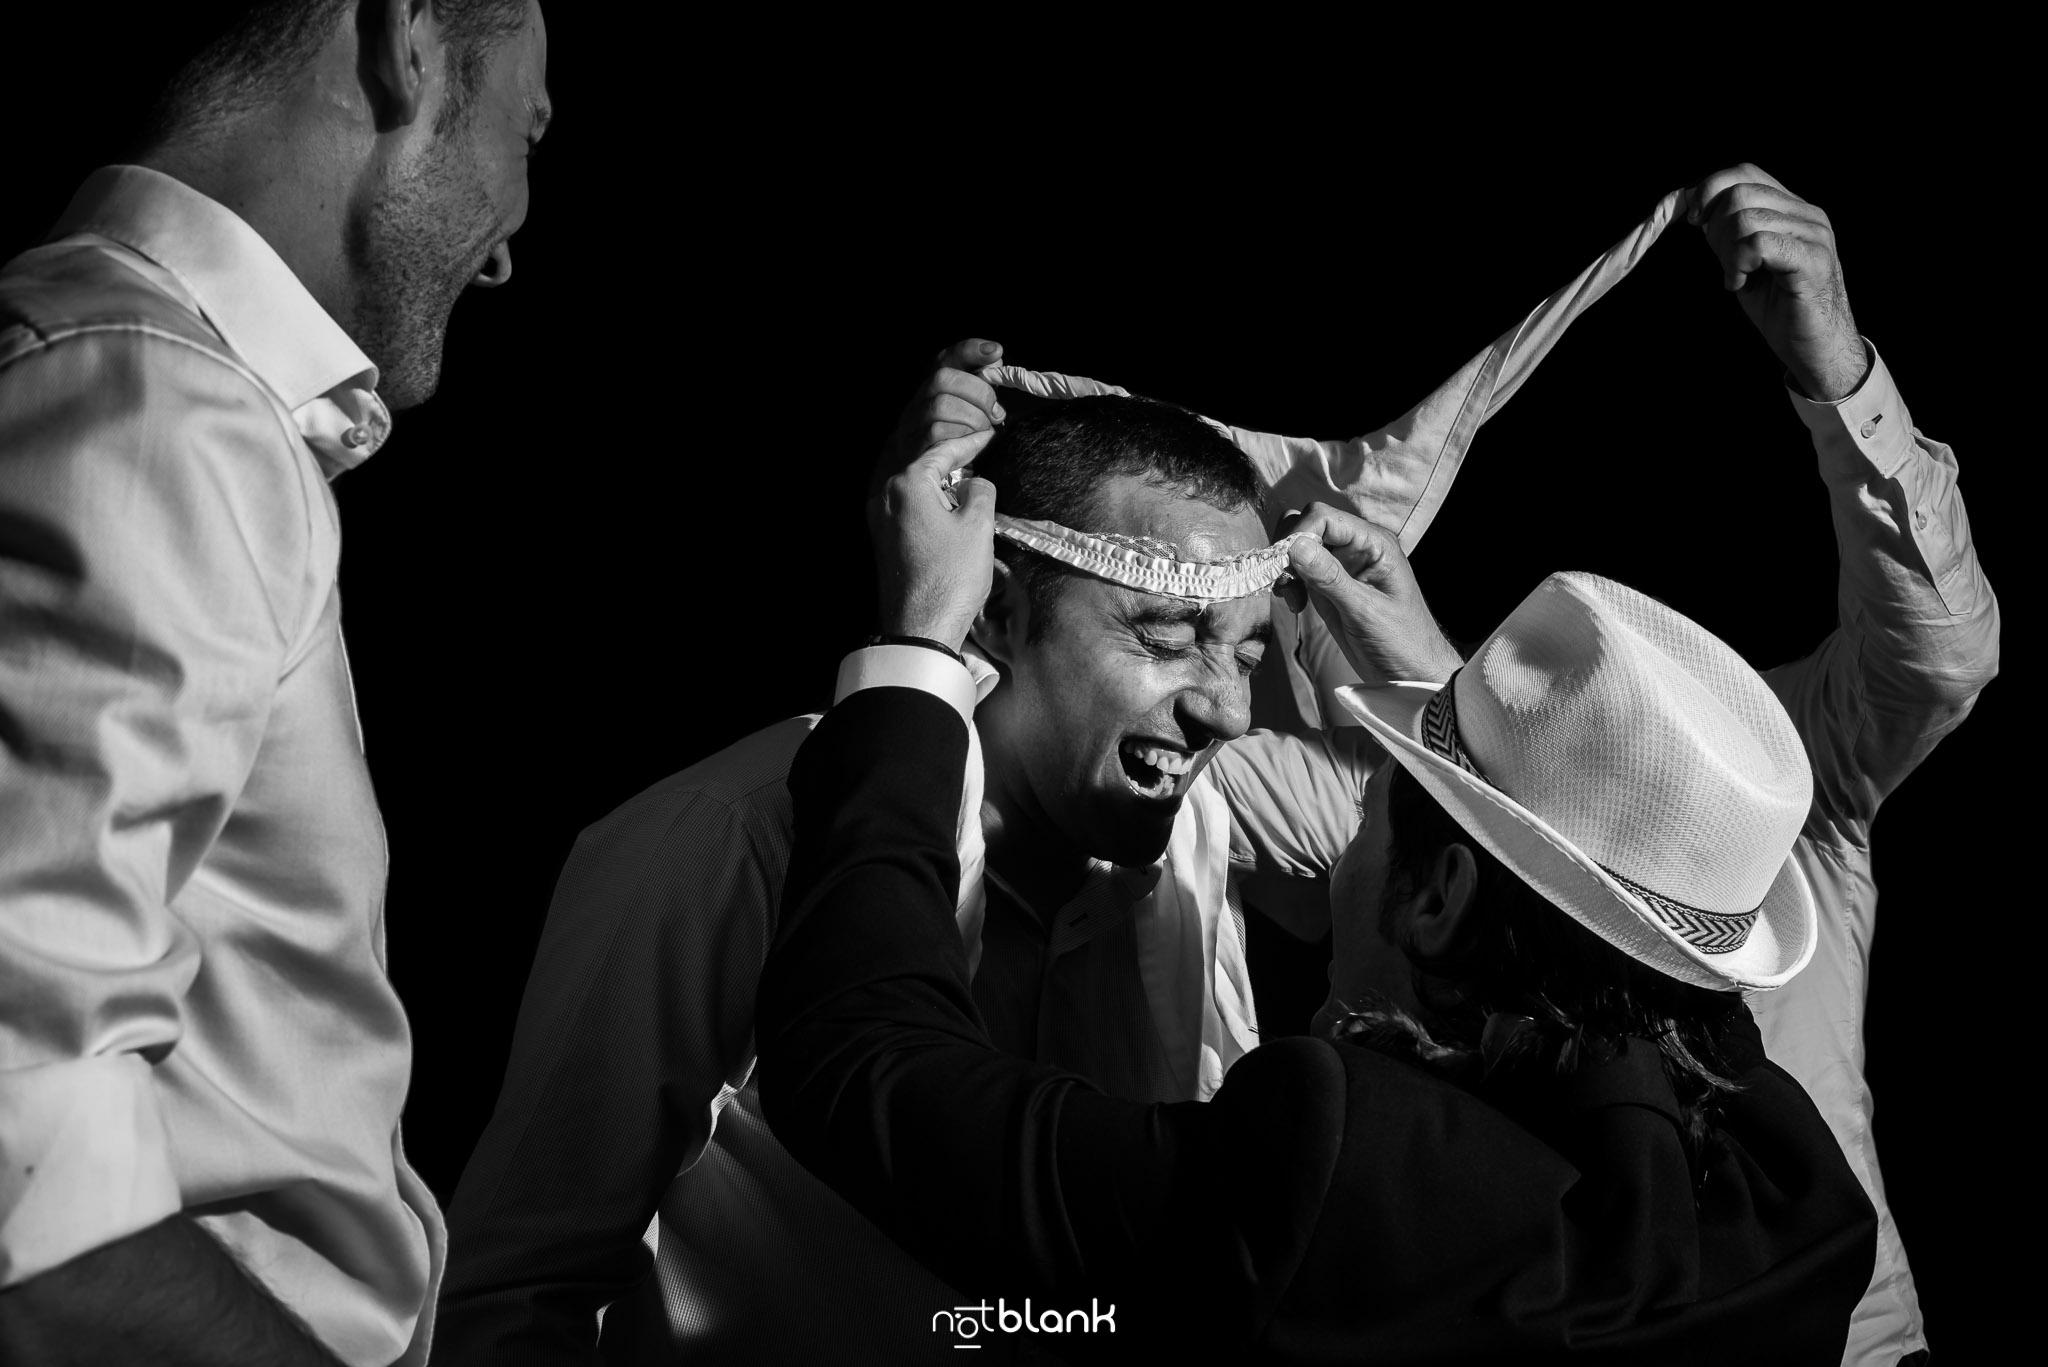 Notblank-Fiesta-Fotógrafo de boda-Liga-Novio-Mondariz-Balneario